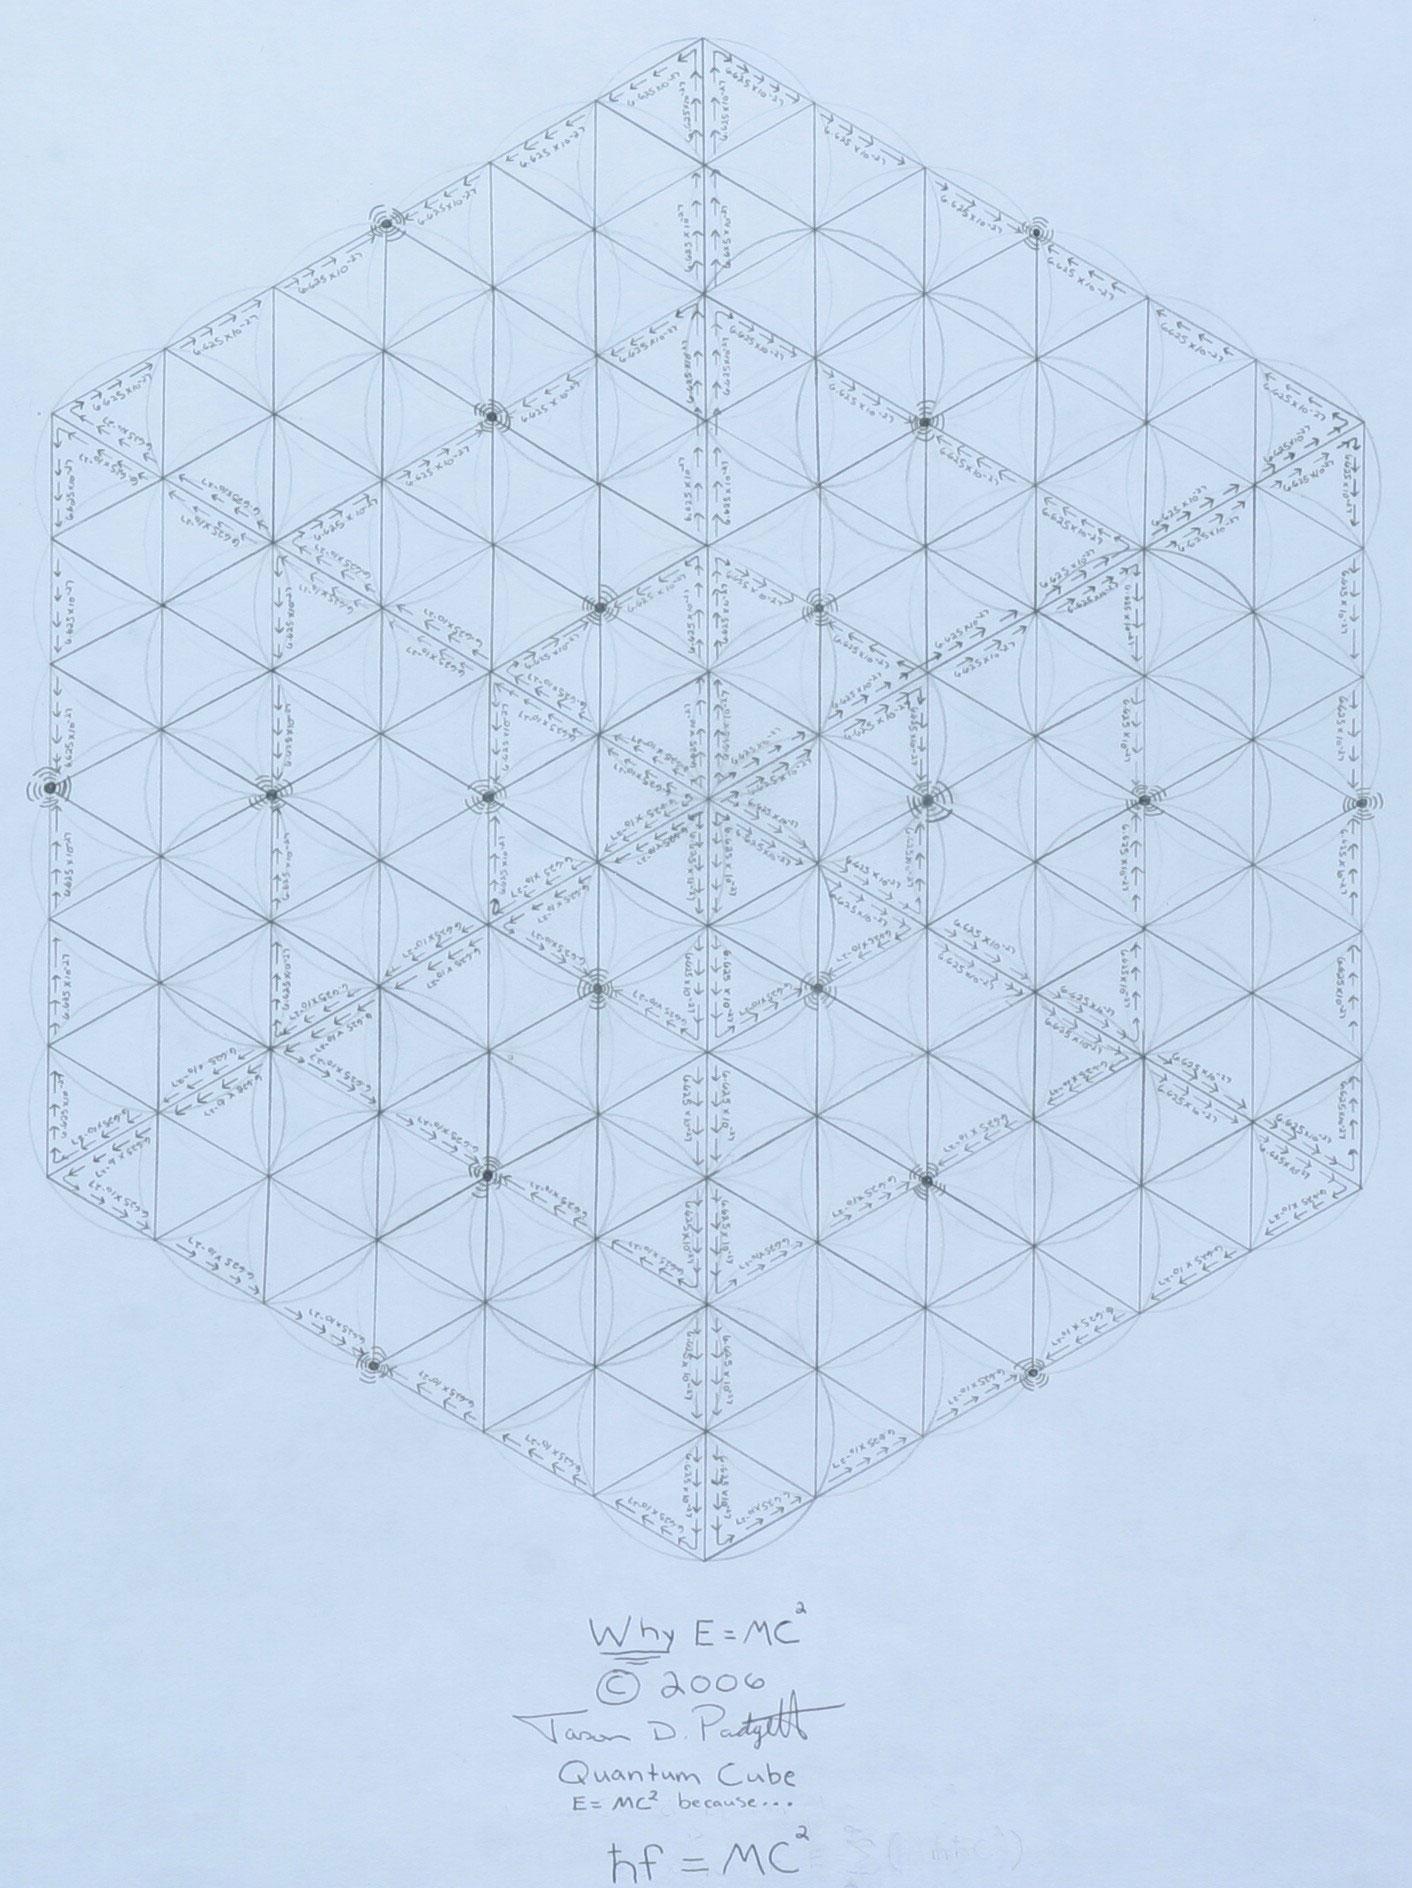 Jason Padgett - The Fractal Maker E-equals-MC2-crunch1